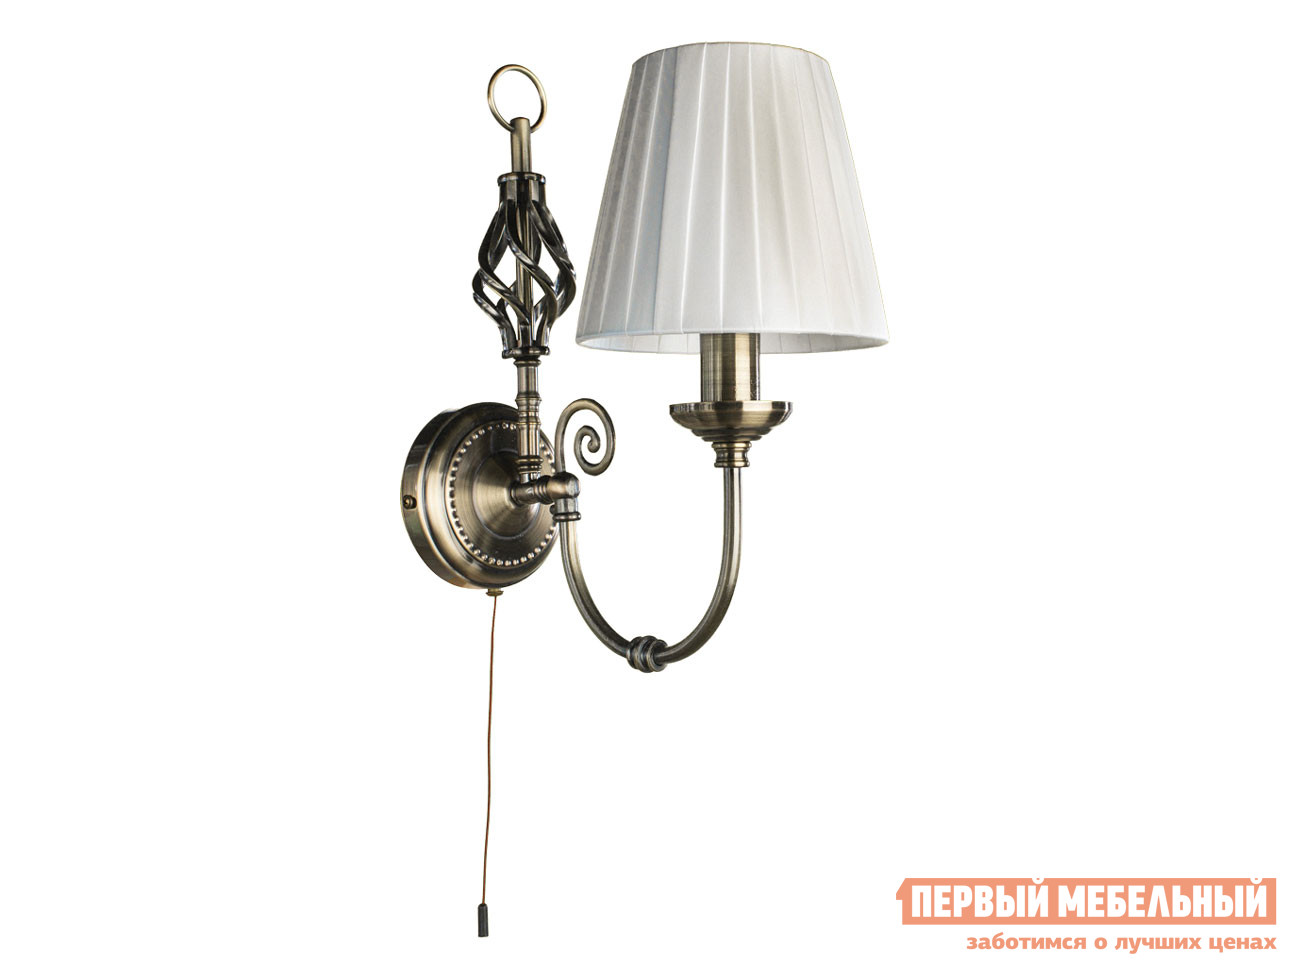 Бра Первый Мебельный Бра ZANZIBAR A8390AP-1AB бра arte lamp zanzibar a8390ap 1ab